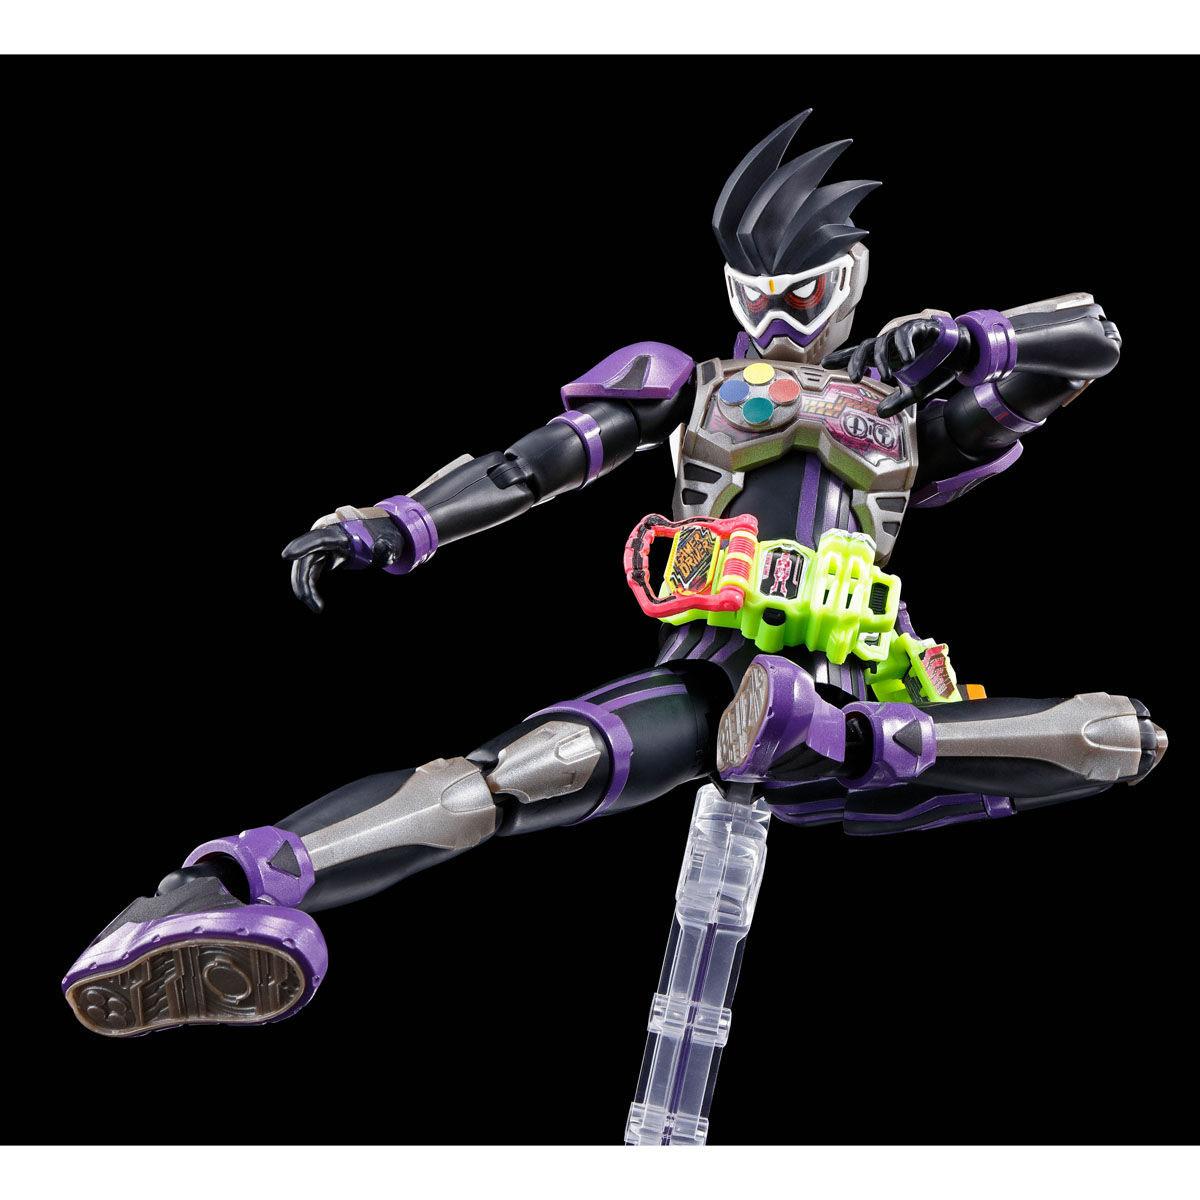 【限定販売】Figure-rise Standard『仮面ライダーゲンム アクションゲーマー レベル2』プラモデル-006